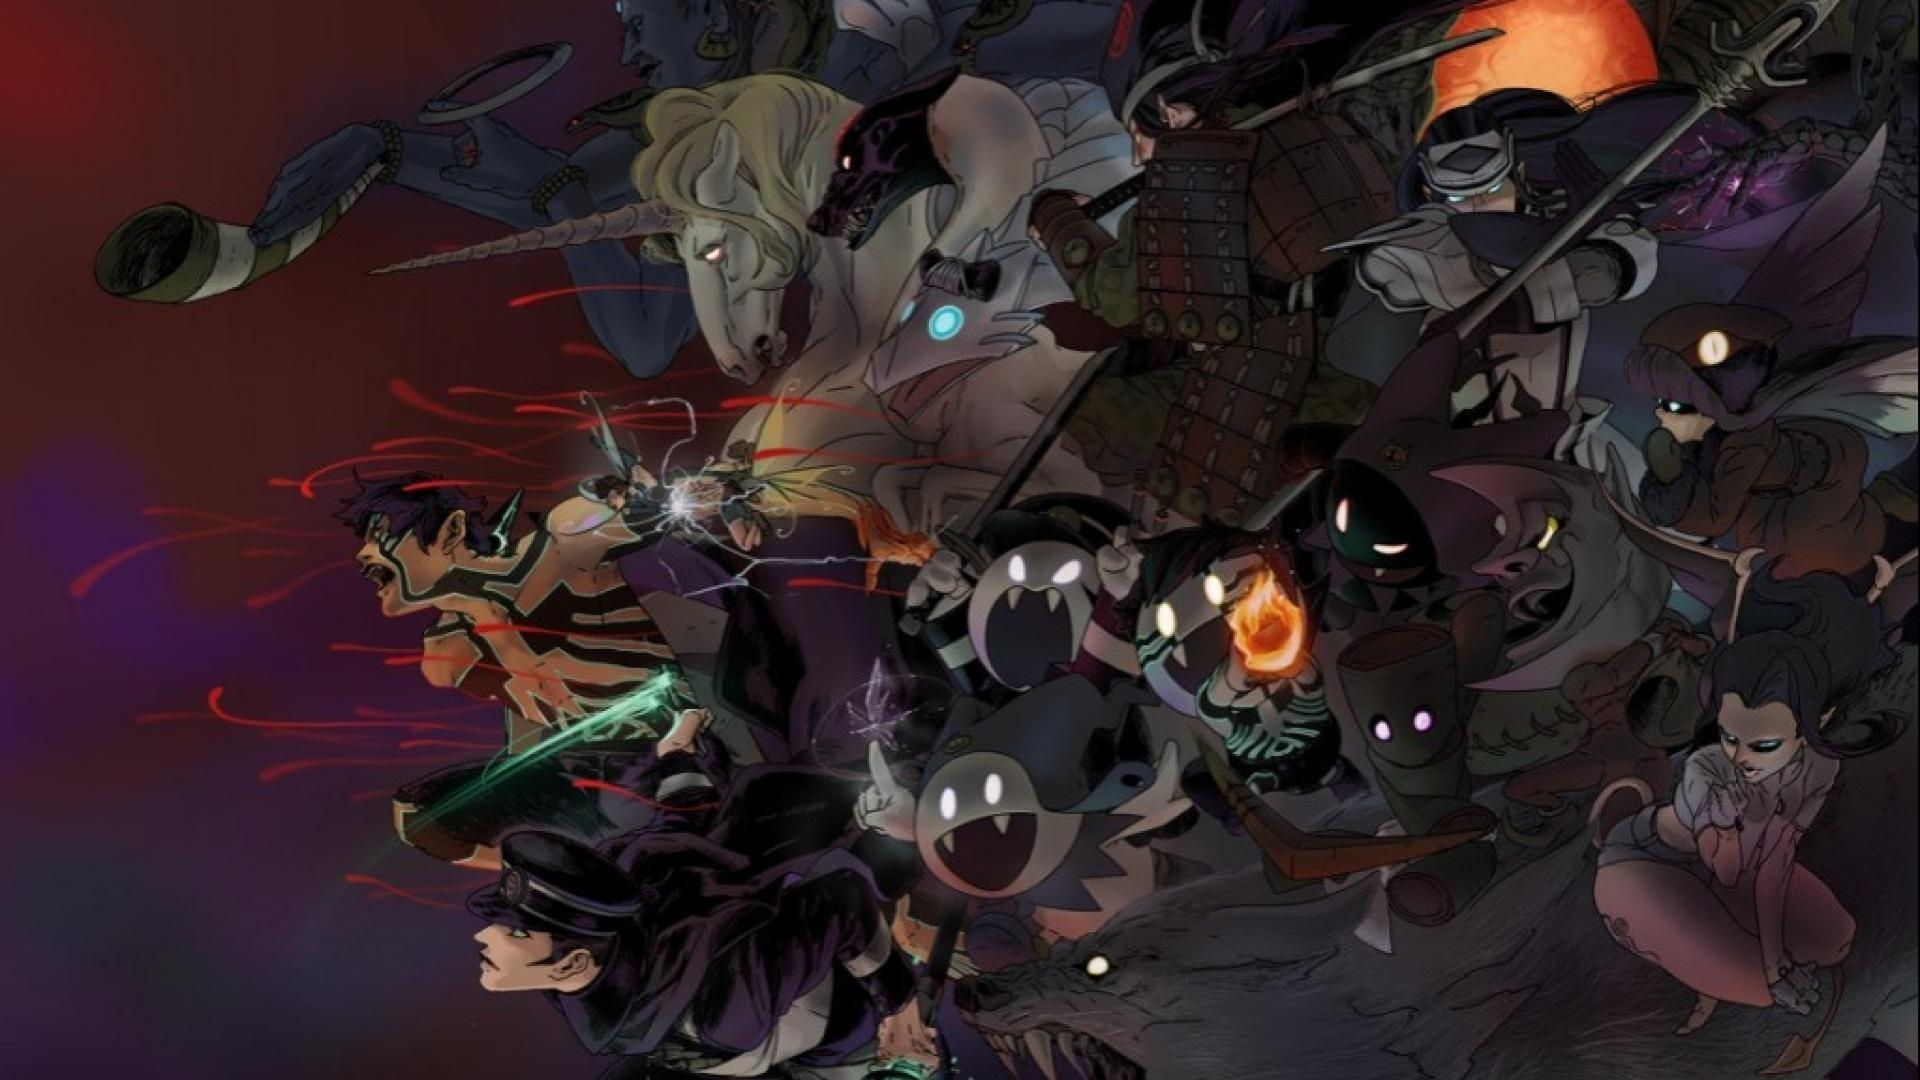 shin megami tensei iii tensei: nocturne demi-fiend wallpaper | (112192)